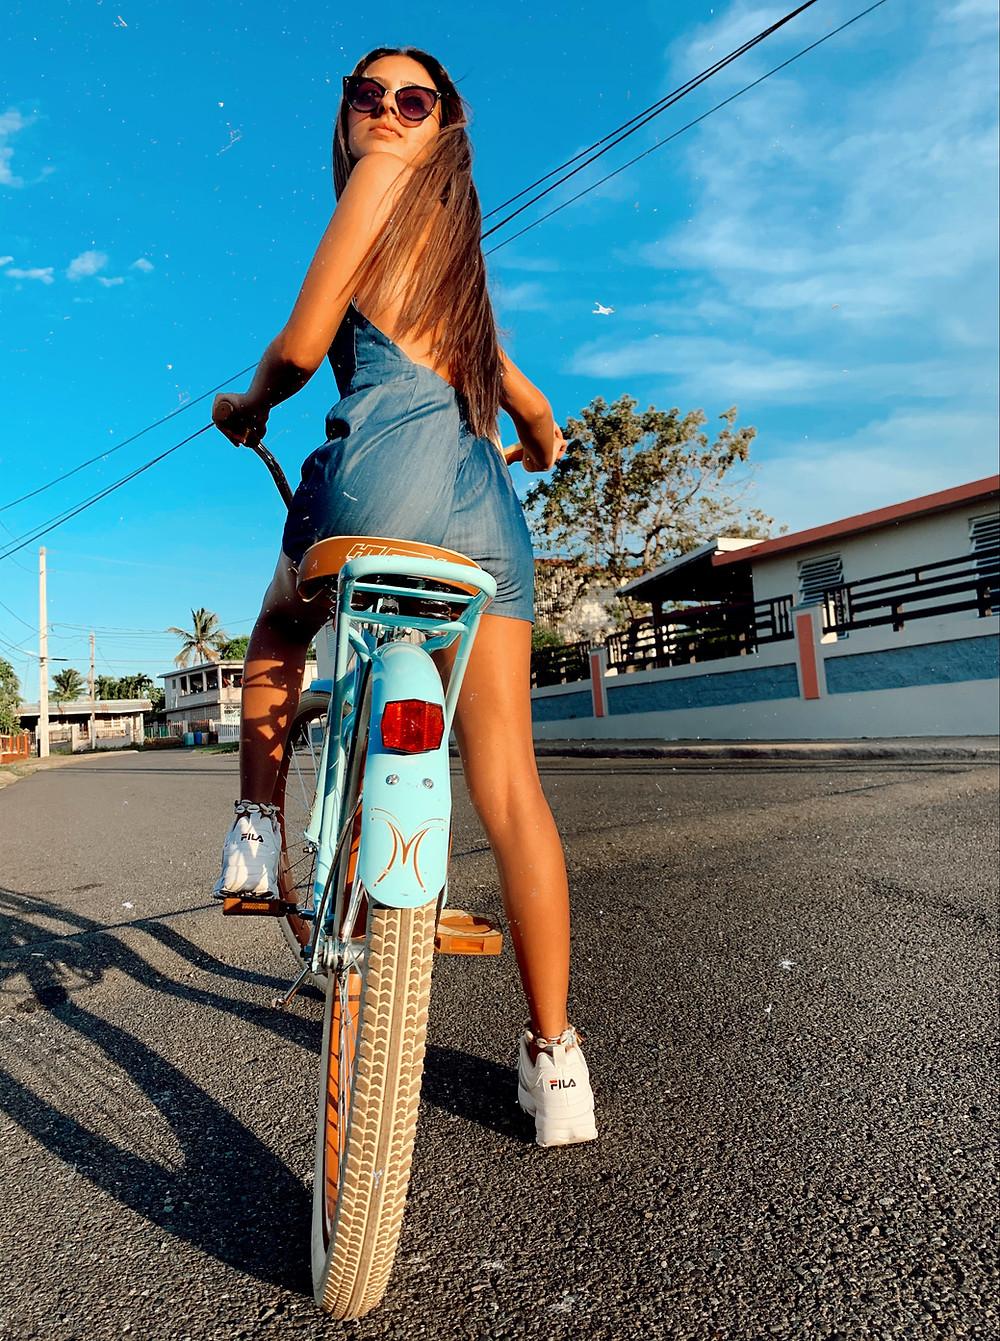 girl on bike by Arliane Vargas